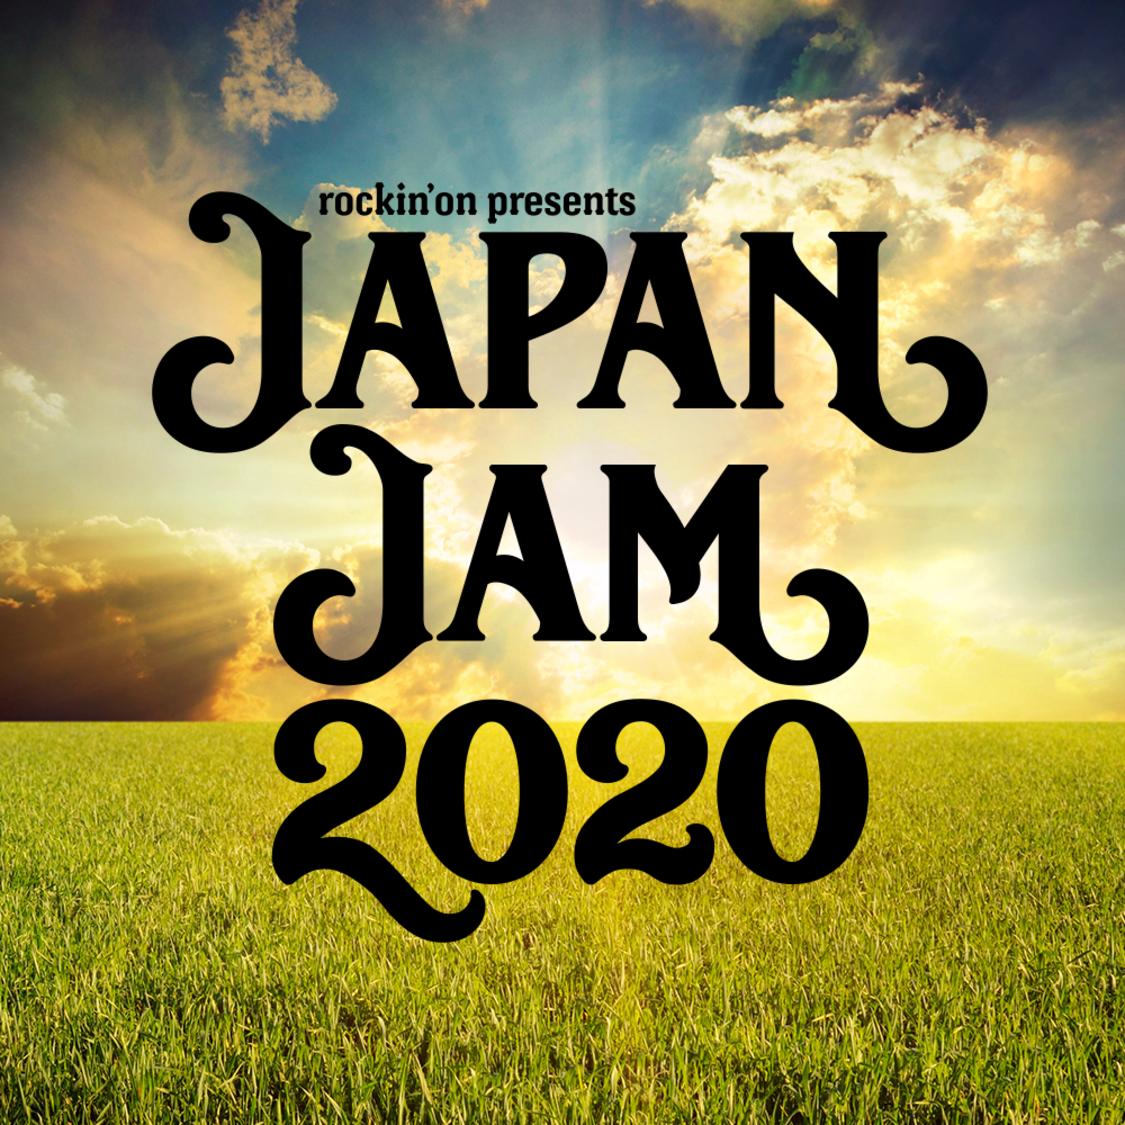 モーニング娘。'20、ももクロ、BiSH、アンジュルムら、<JフェスアプリでJAPAN JAM>参加決定!